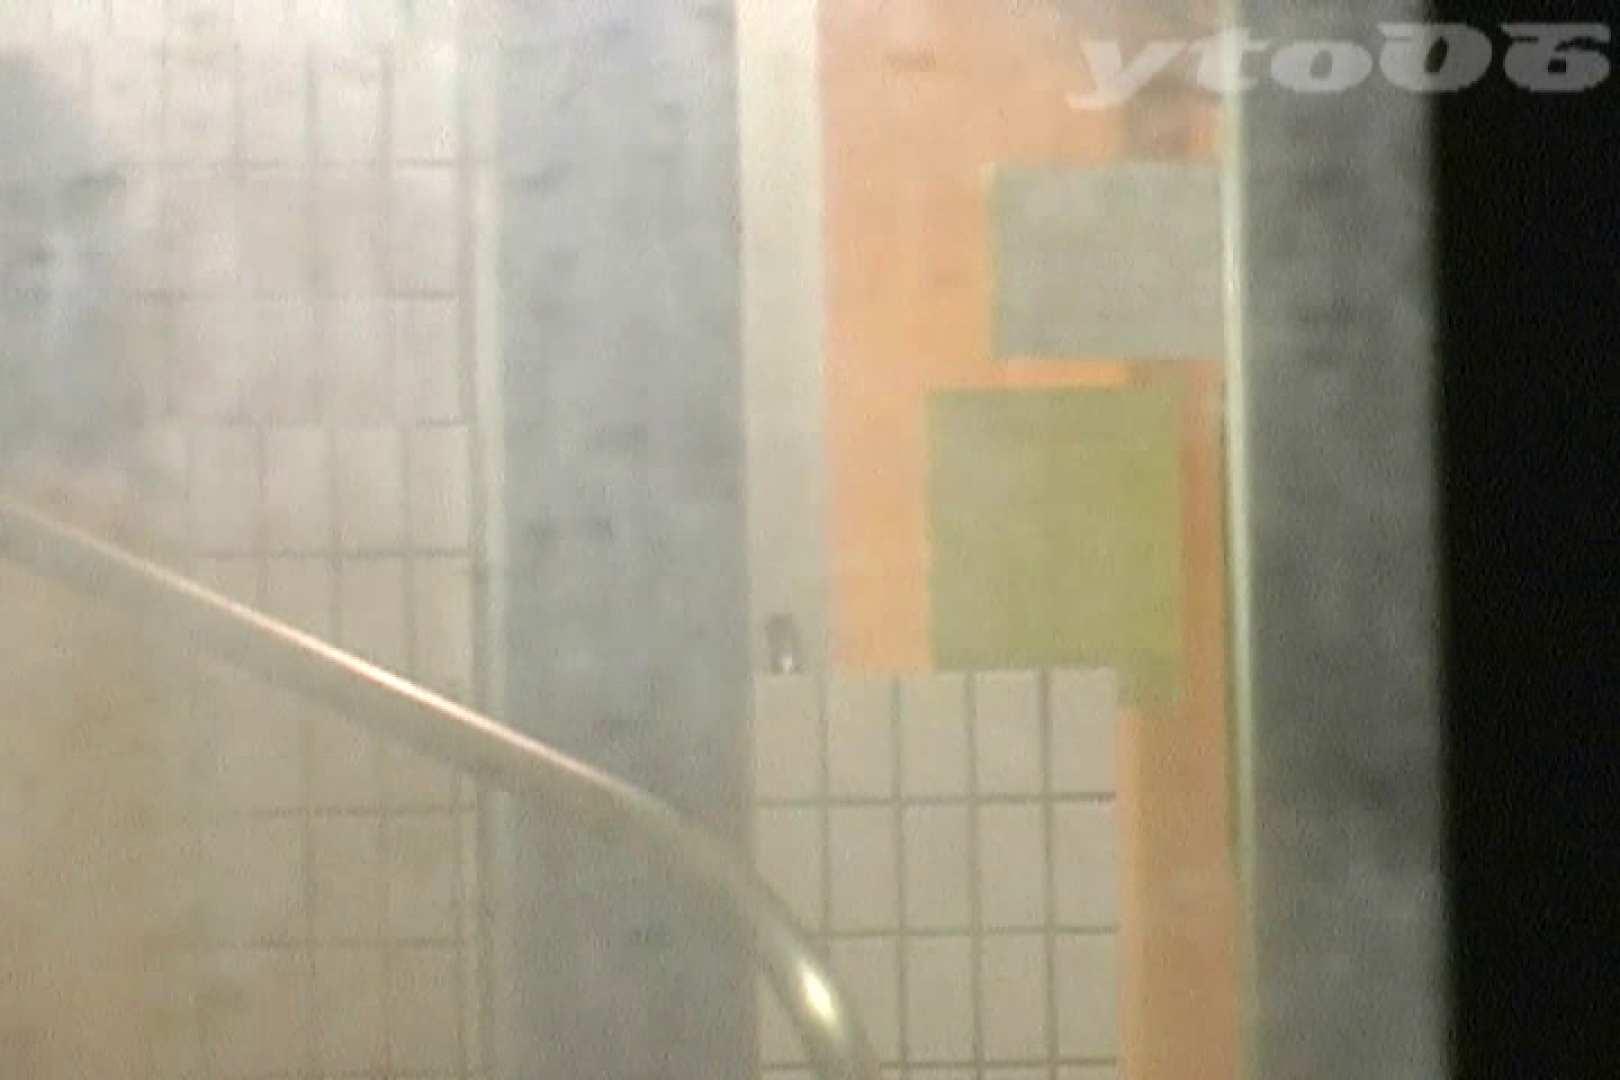 ▲復活限定▲合宿ホテル女風呂盗撮 Vol.36 盗撮  113pic 31